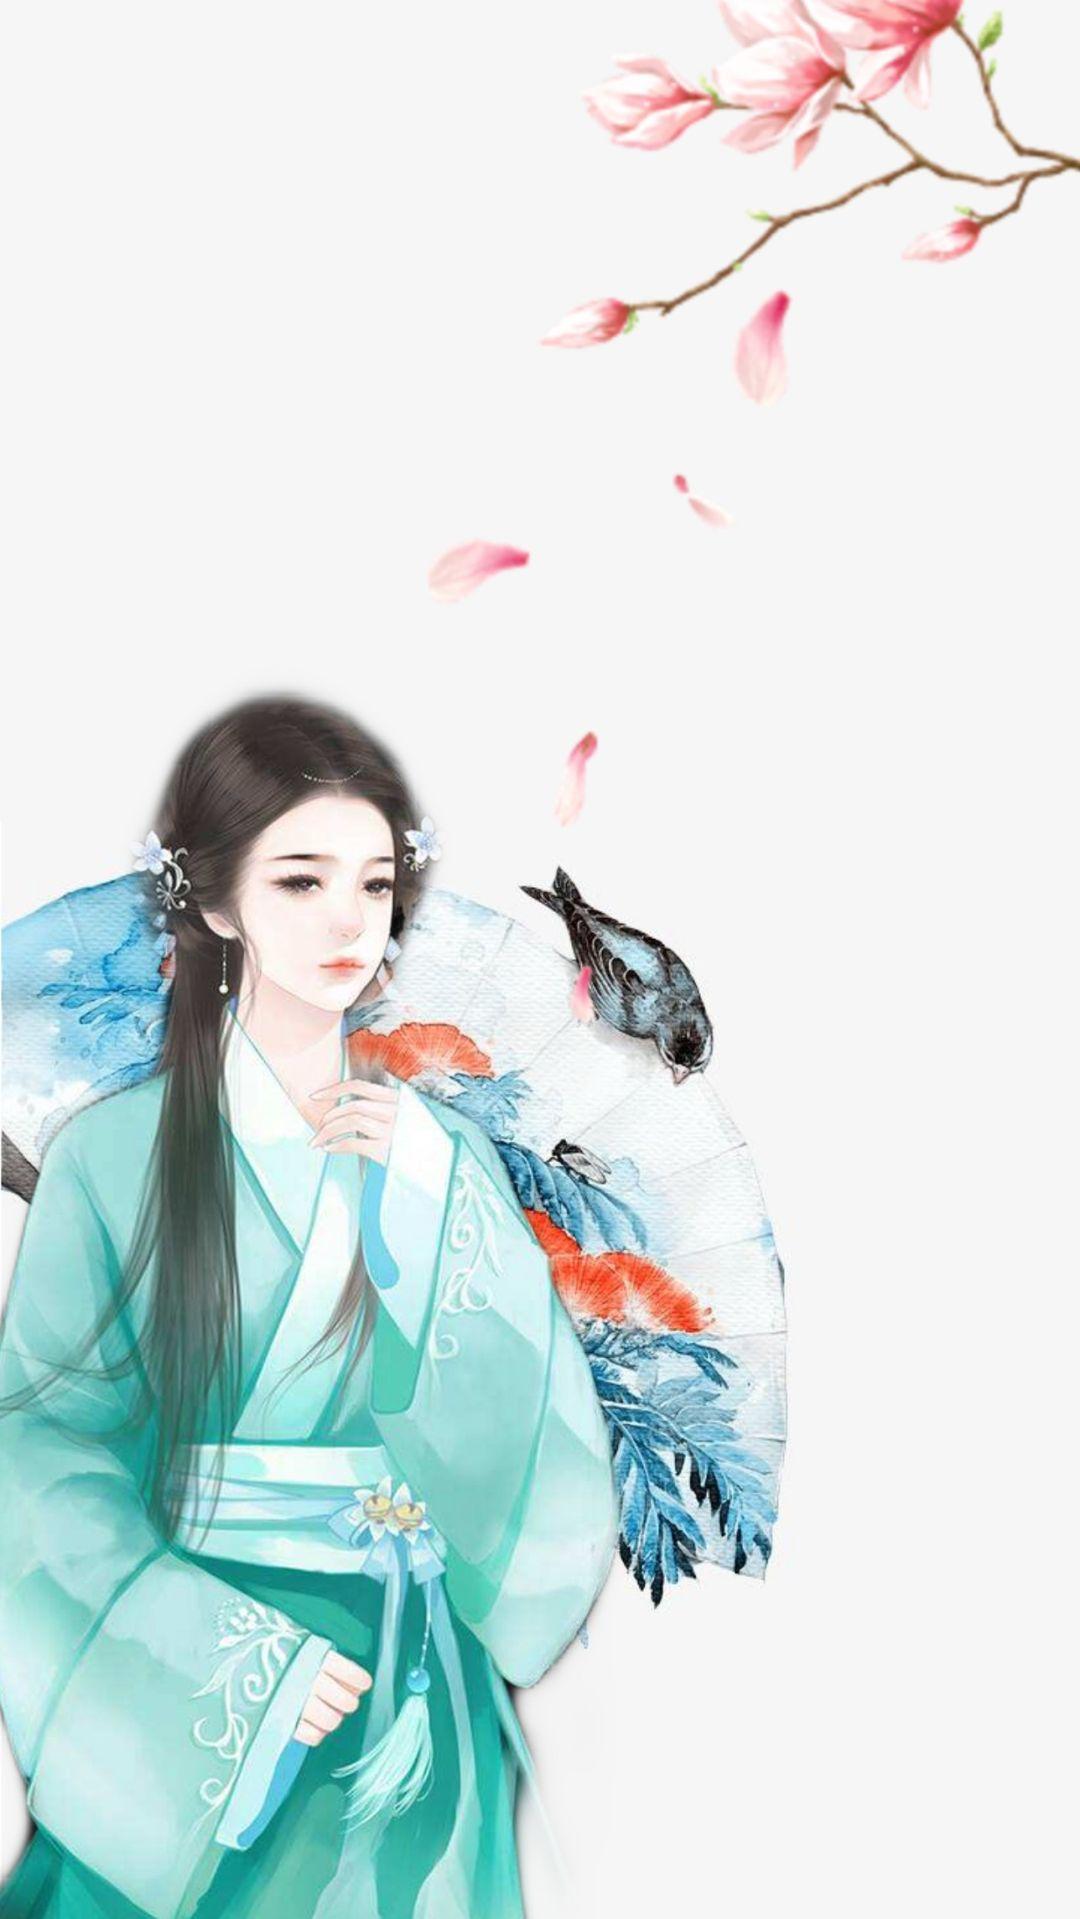 古风手绘唯美仙女壁纸:我只有孤独和酒,你要不要跟我走